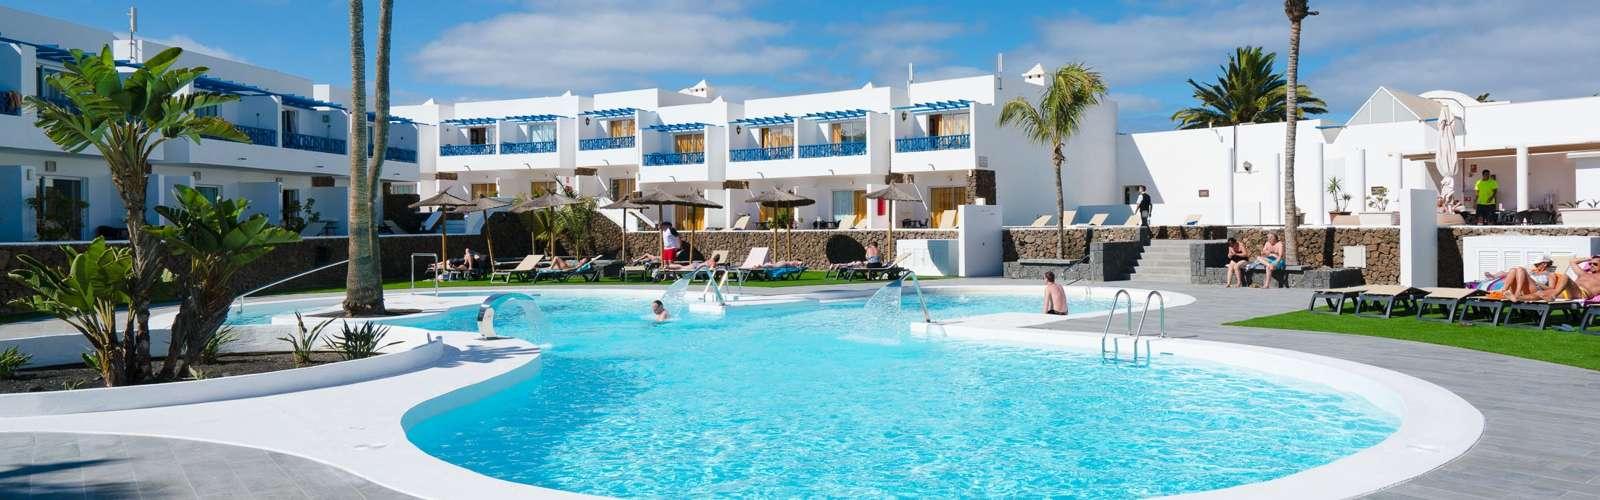 Política de privacidad | Hotel Club Siroco